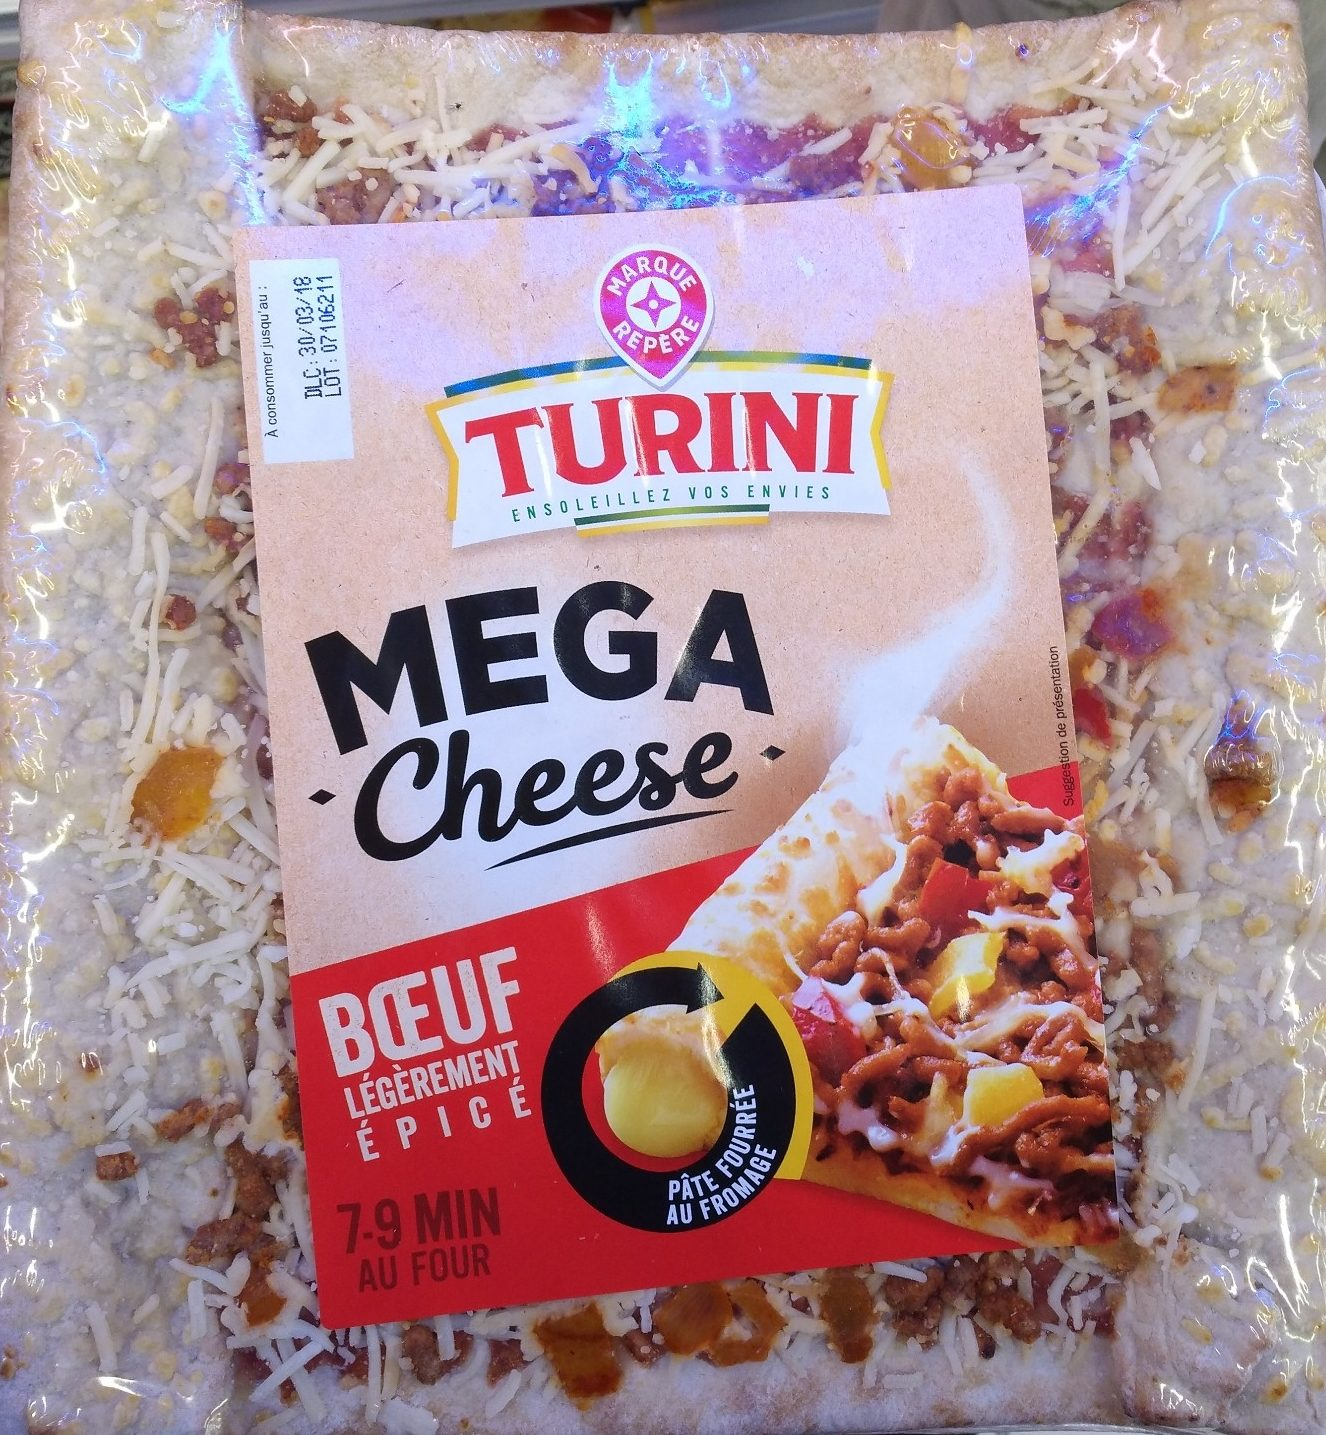 Pizza méga cheese boeuf épicé - Product - fr